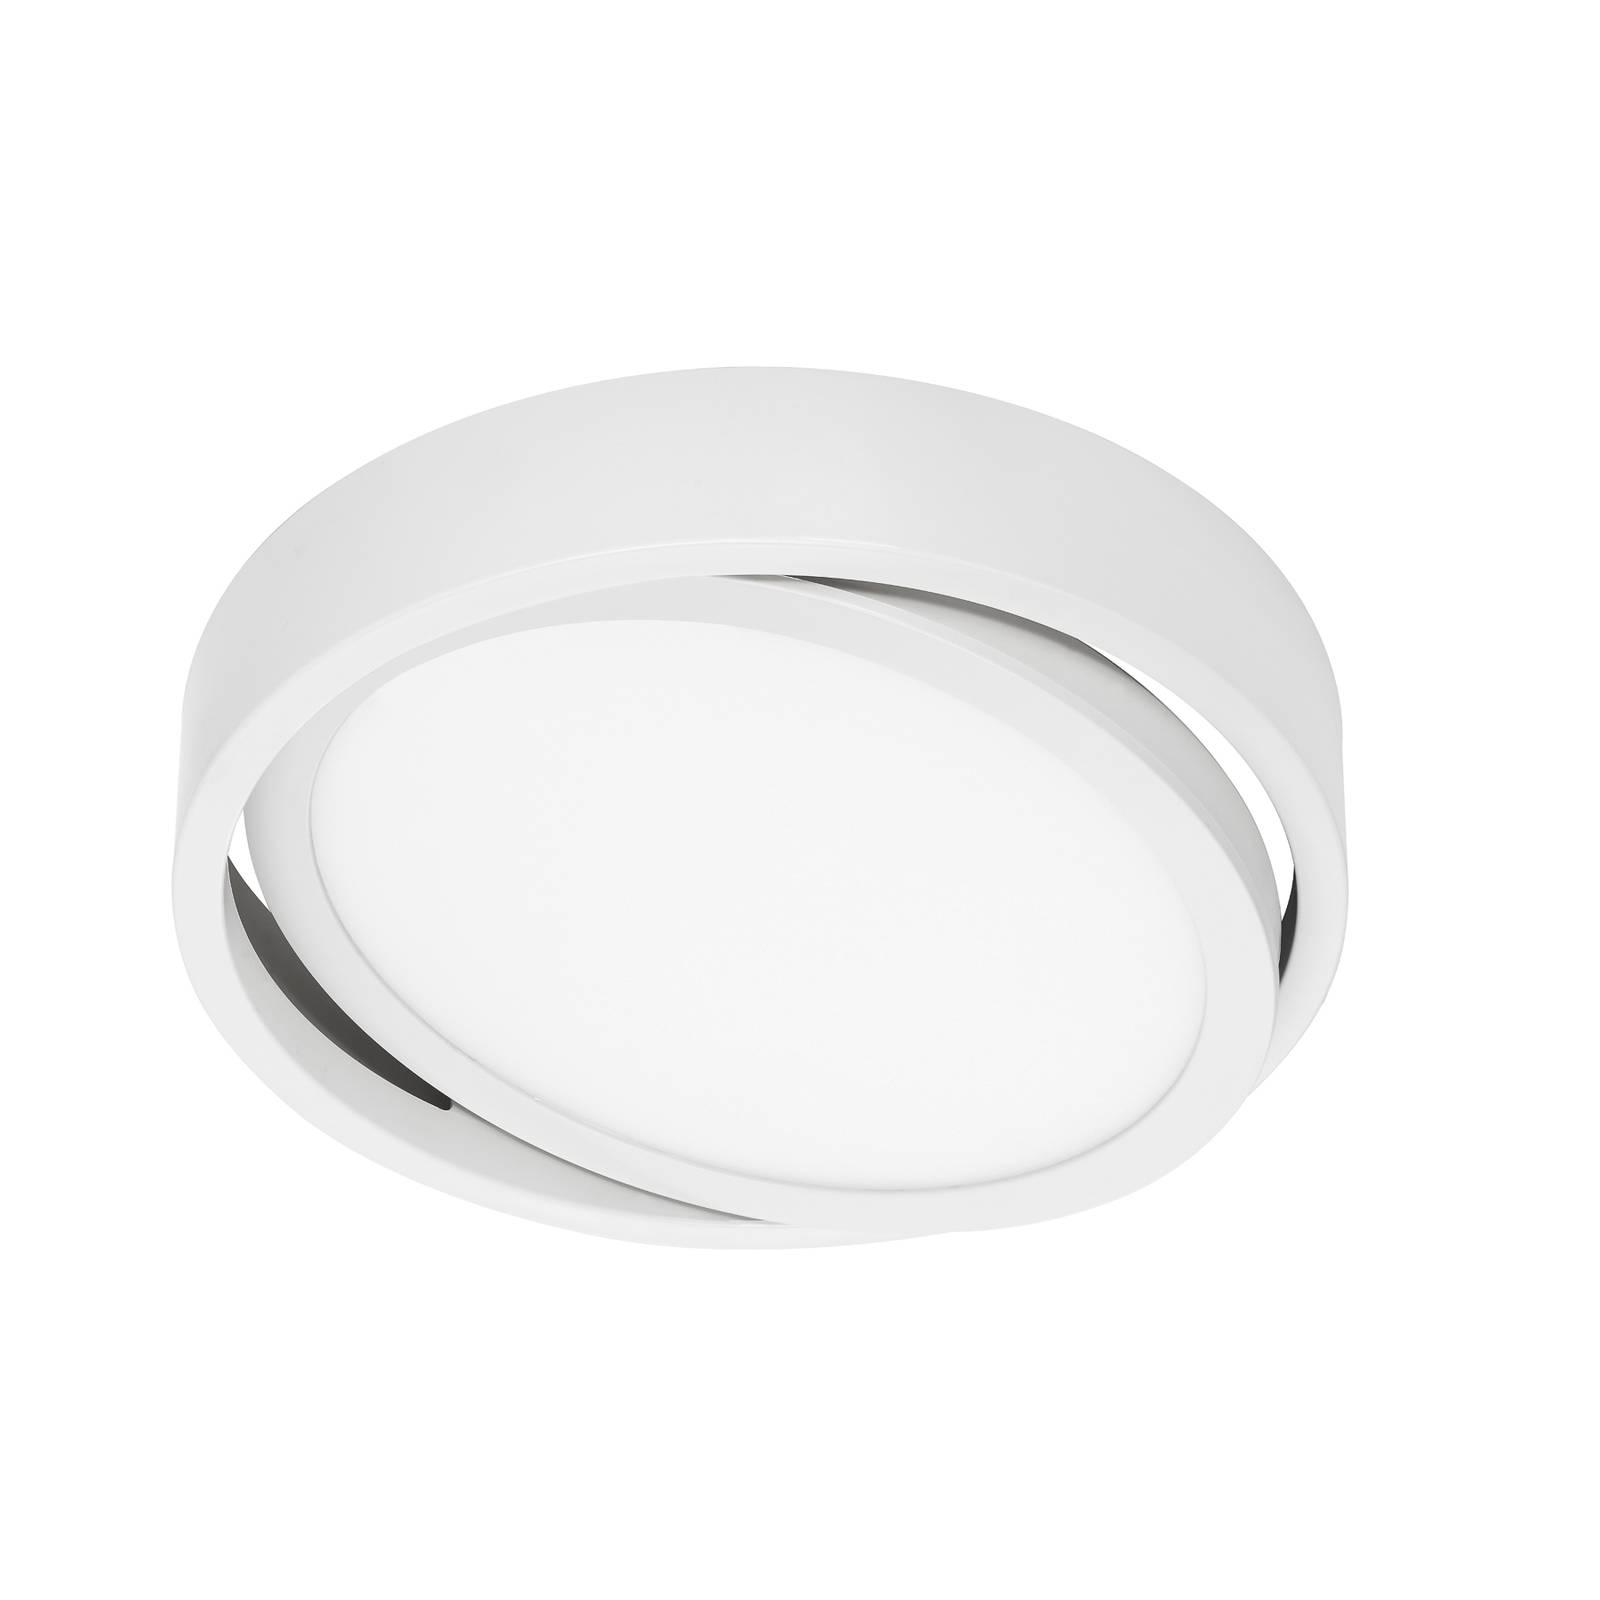 Prios Uvan -LED-kattovalo, pyöreä, valkoinen